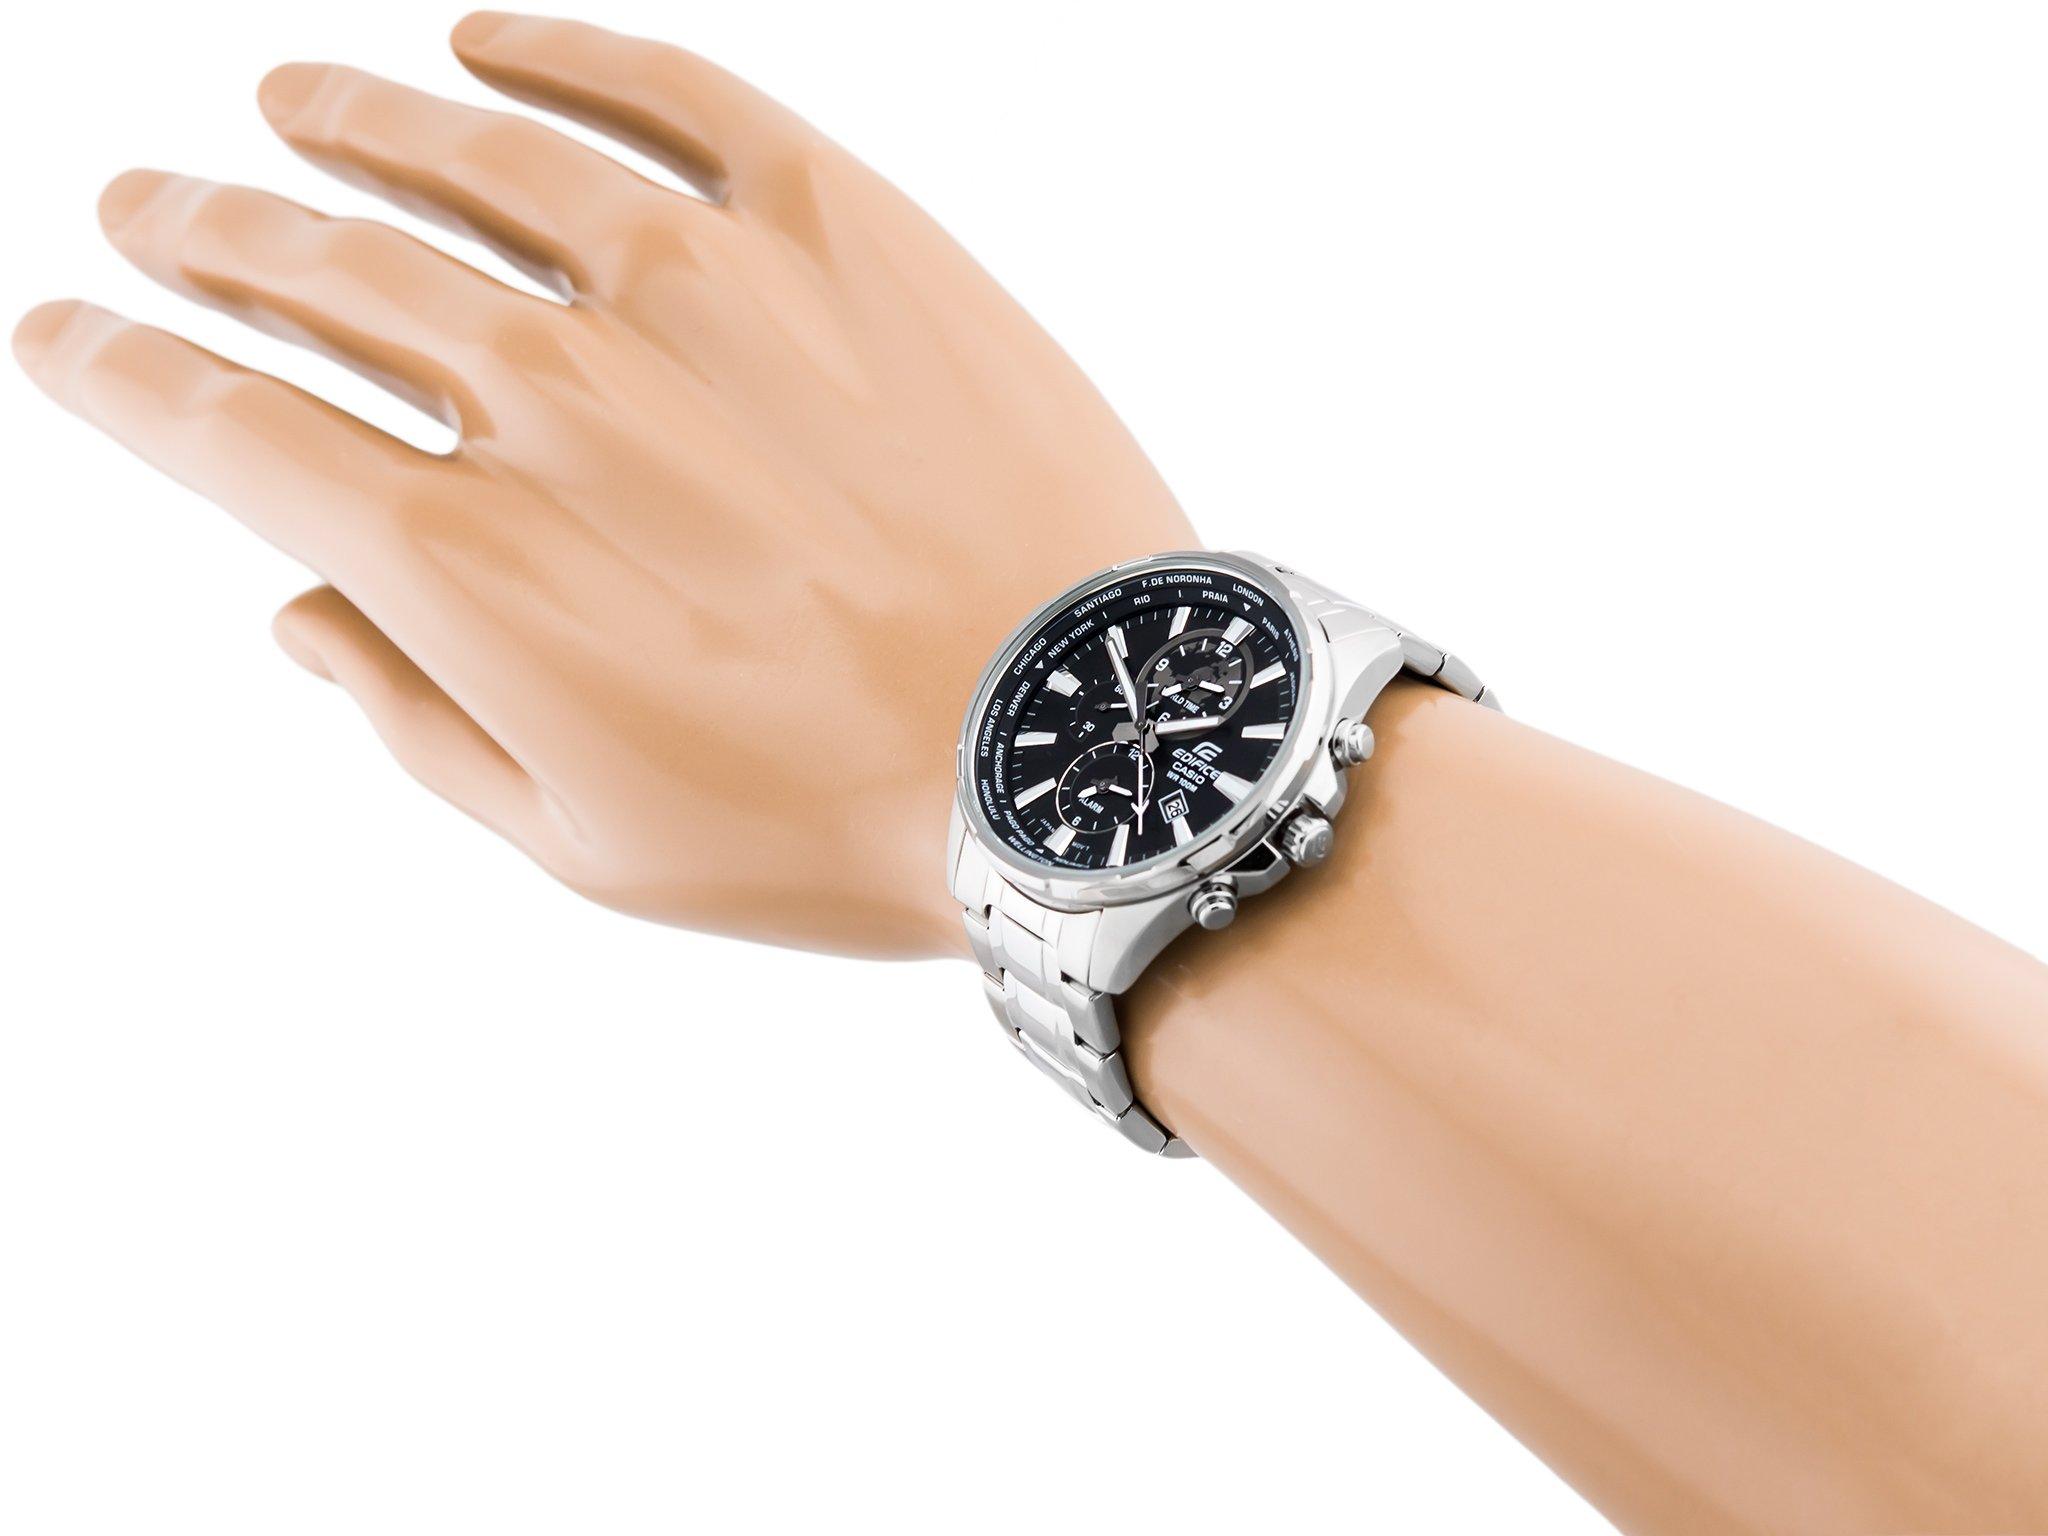 Zegarek męski CASIO EFR 304D 1AV 429,00 zł cena tanio